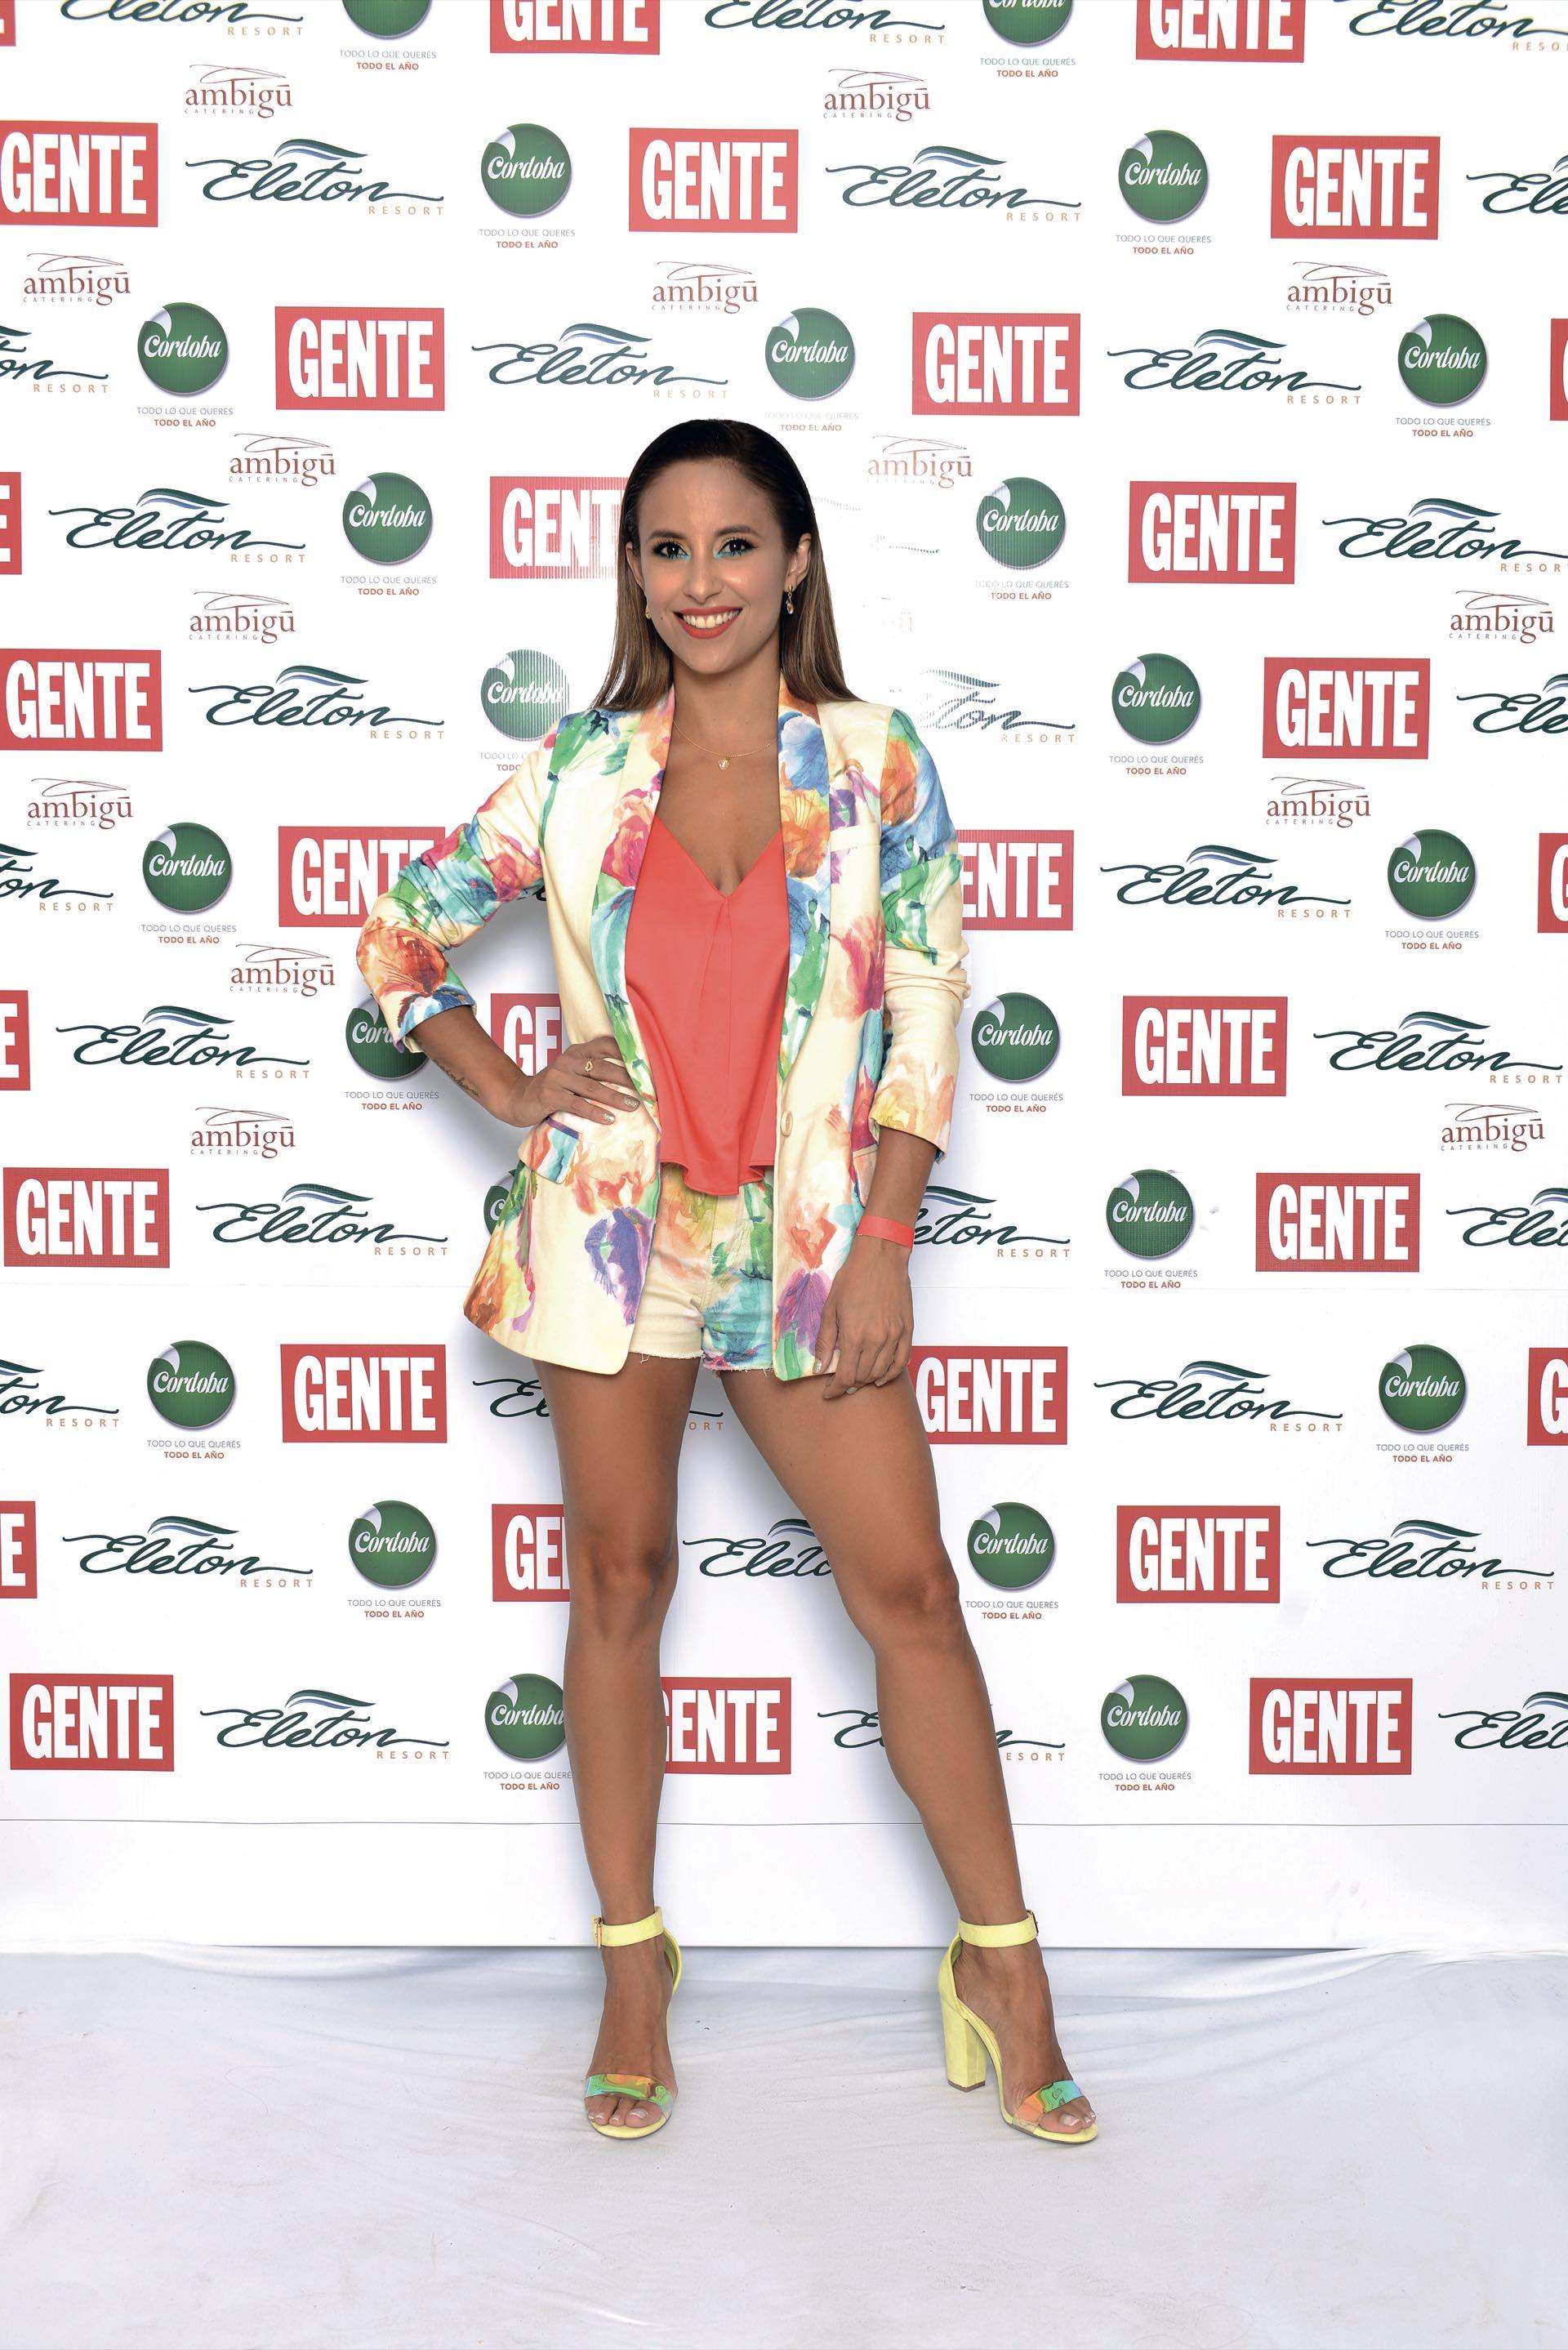 Lourdes Sánchez, blazer con short en colores por Benito Fernández. (Foto GENTE)